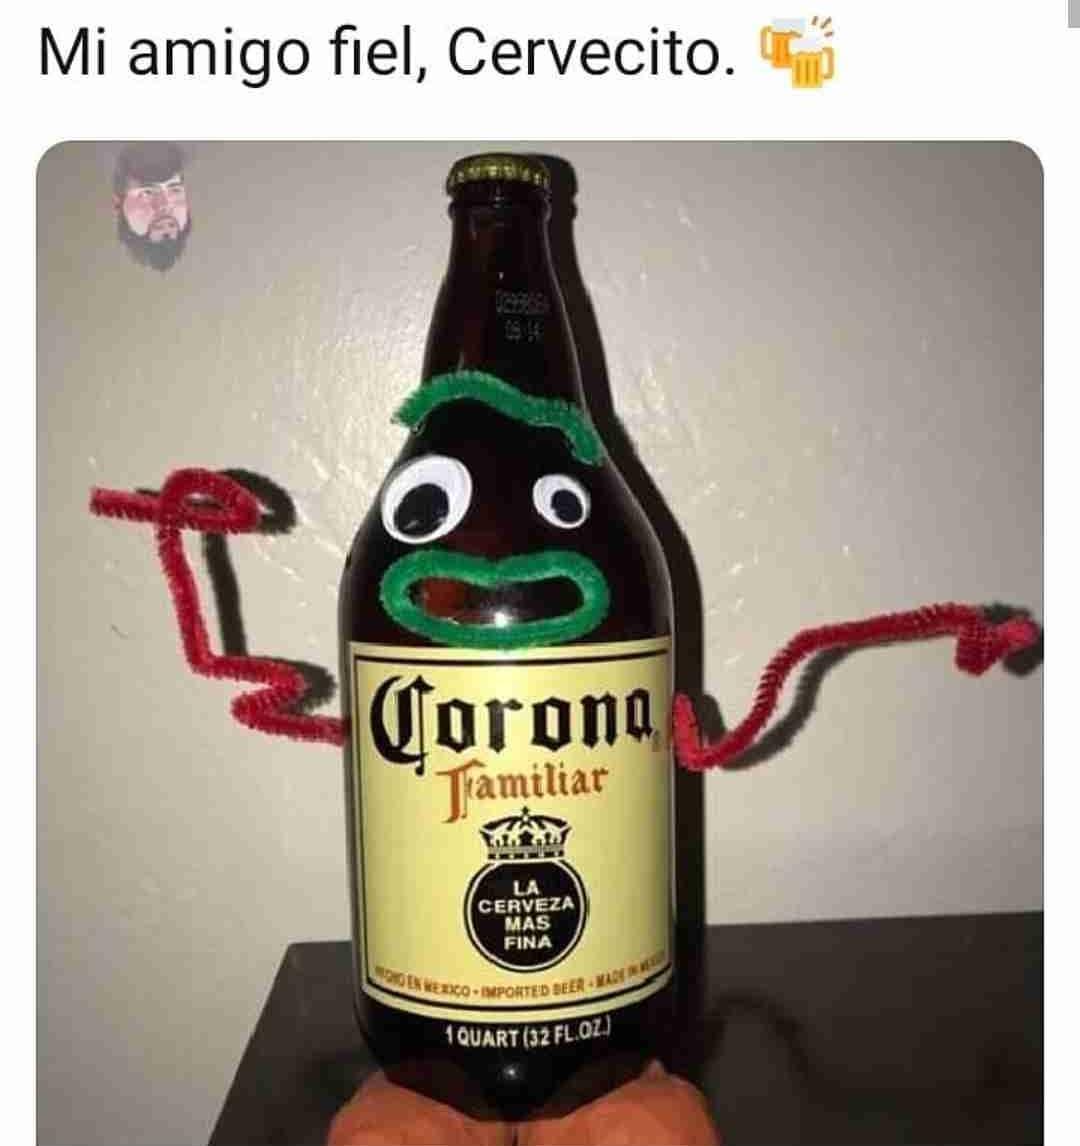 Mi amigo fiel, Cervecito.